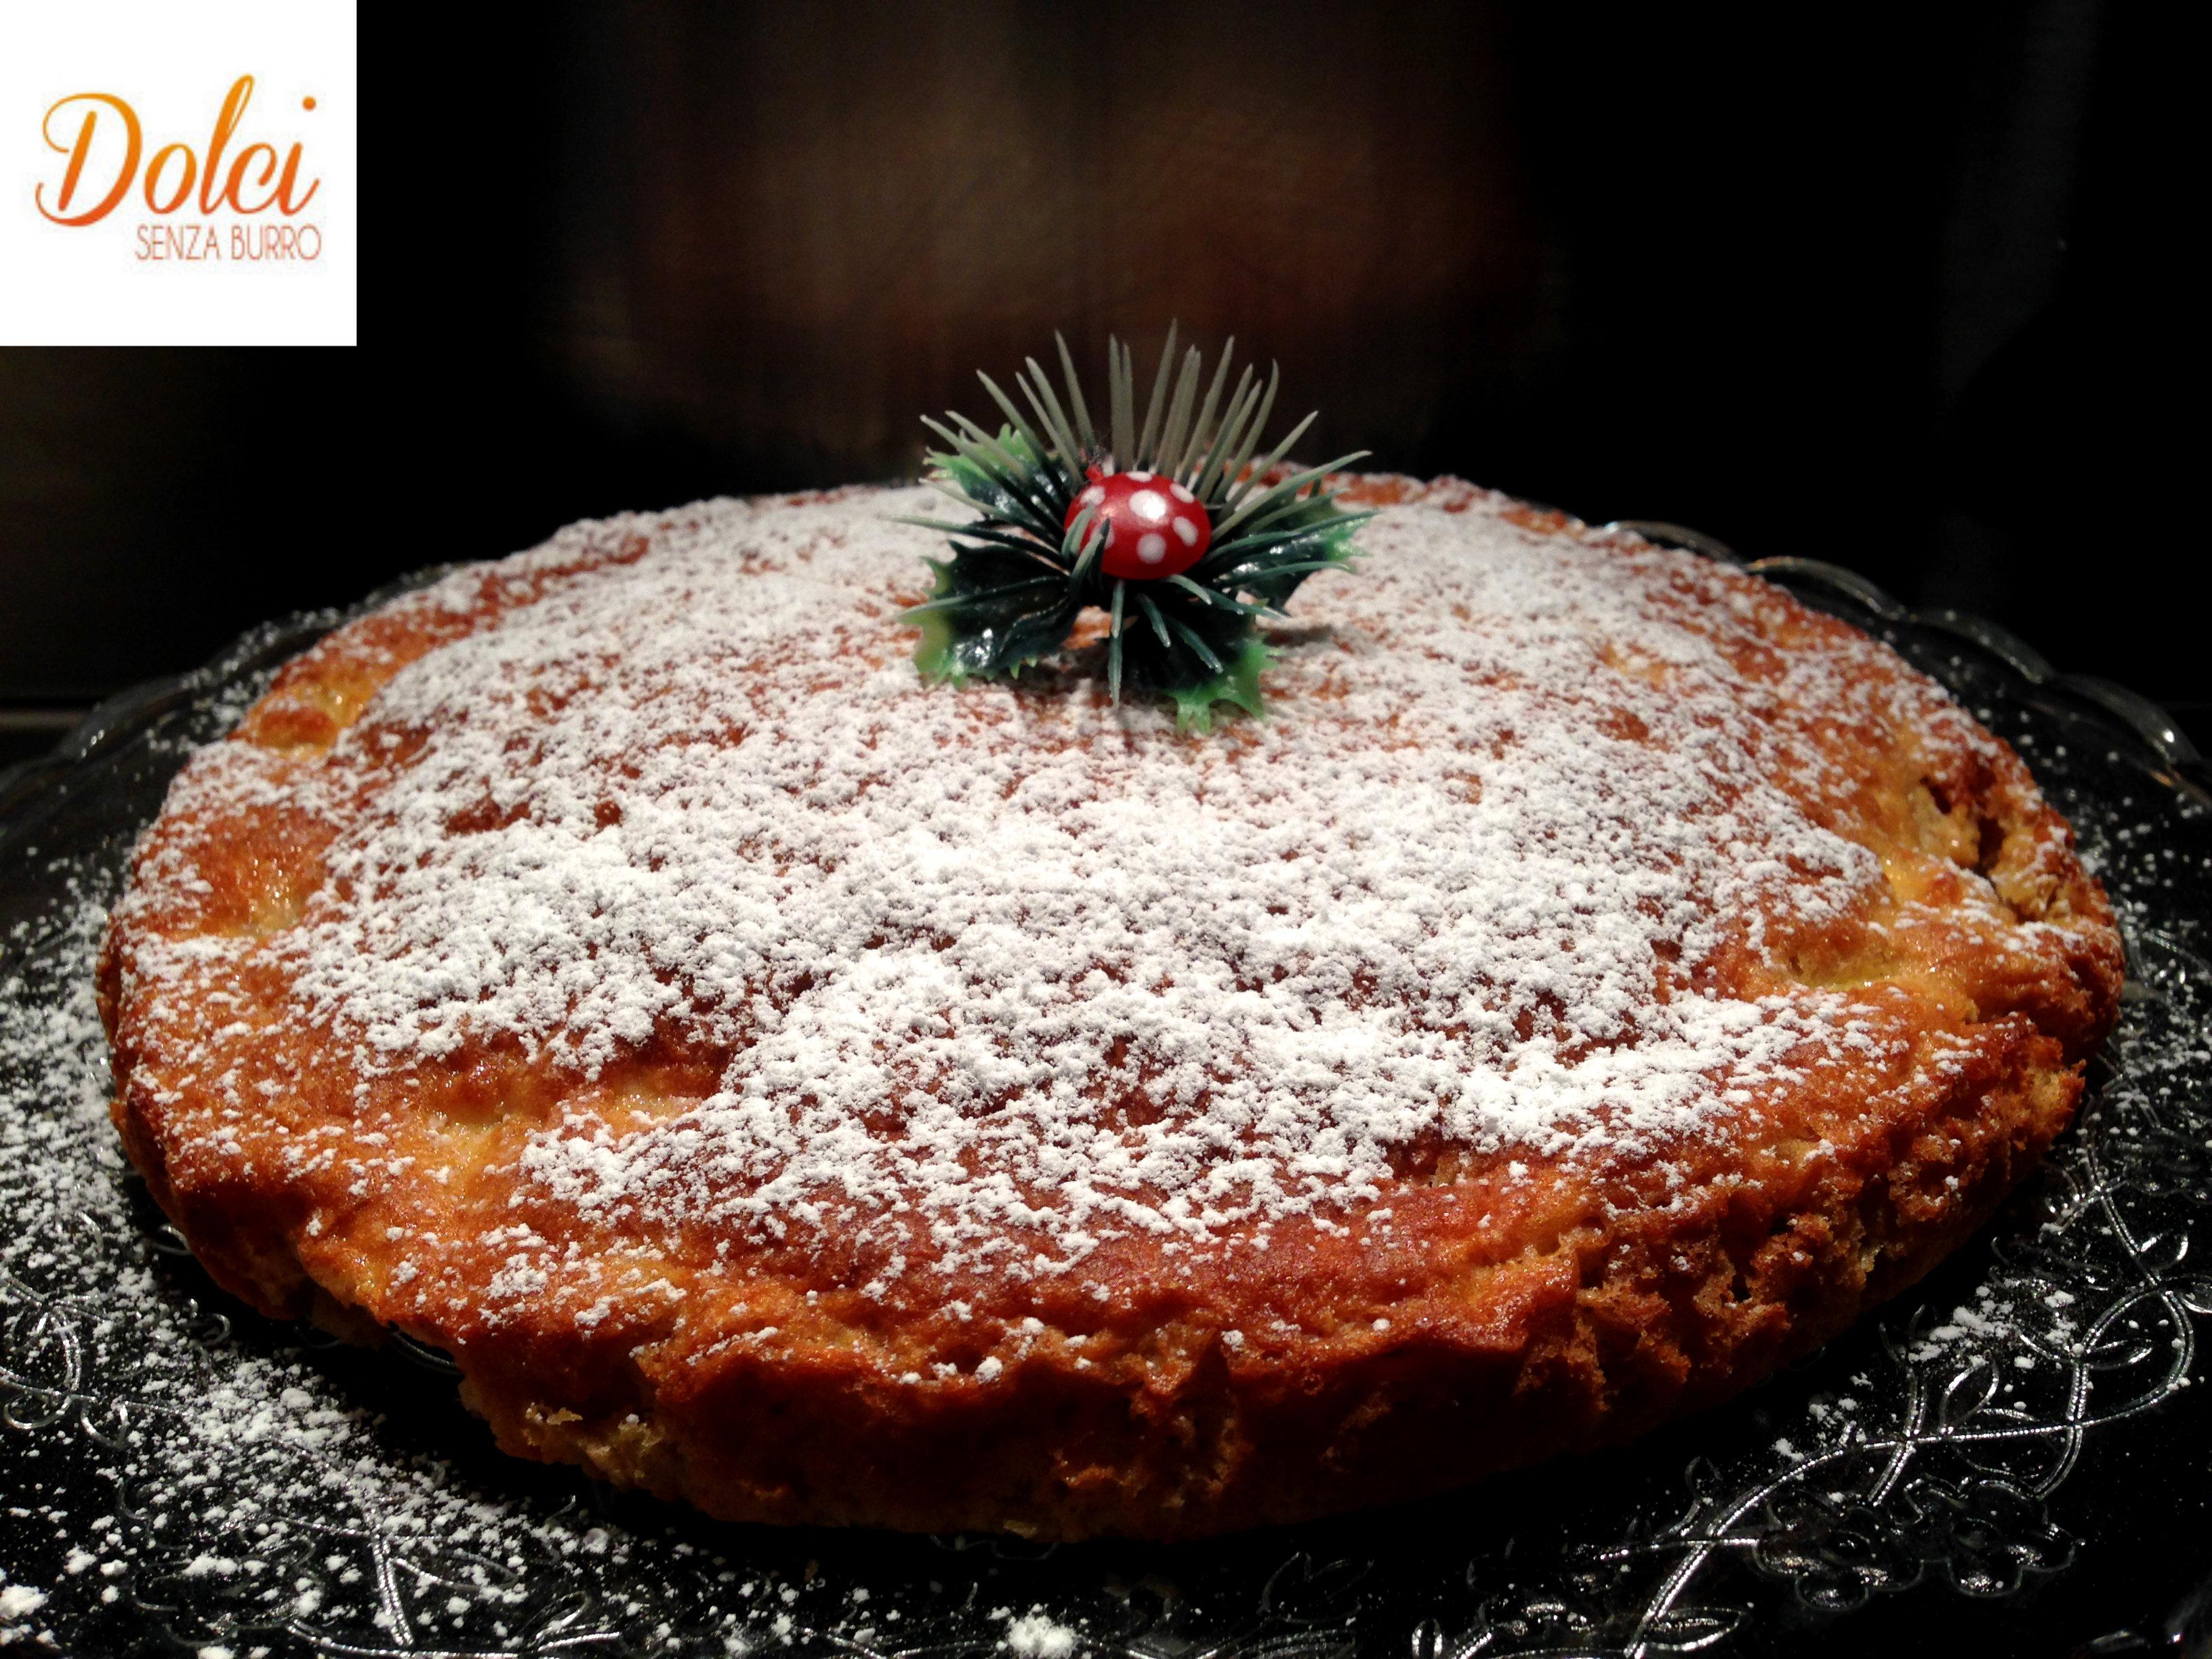 Una Torta di Mele Senza Burro grattugiate, un dolce di mele light di dolci senza burro